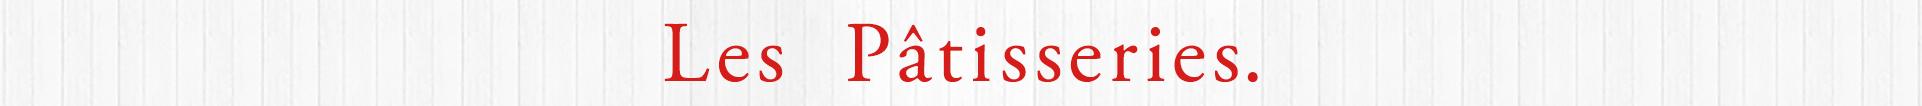 スイーツ-Les Pâtisseries.-